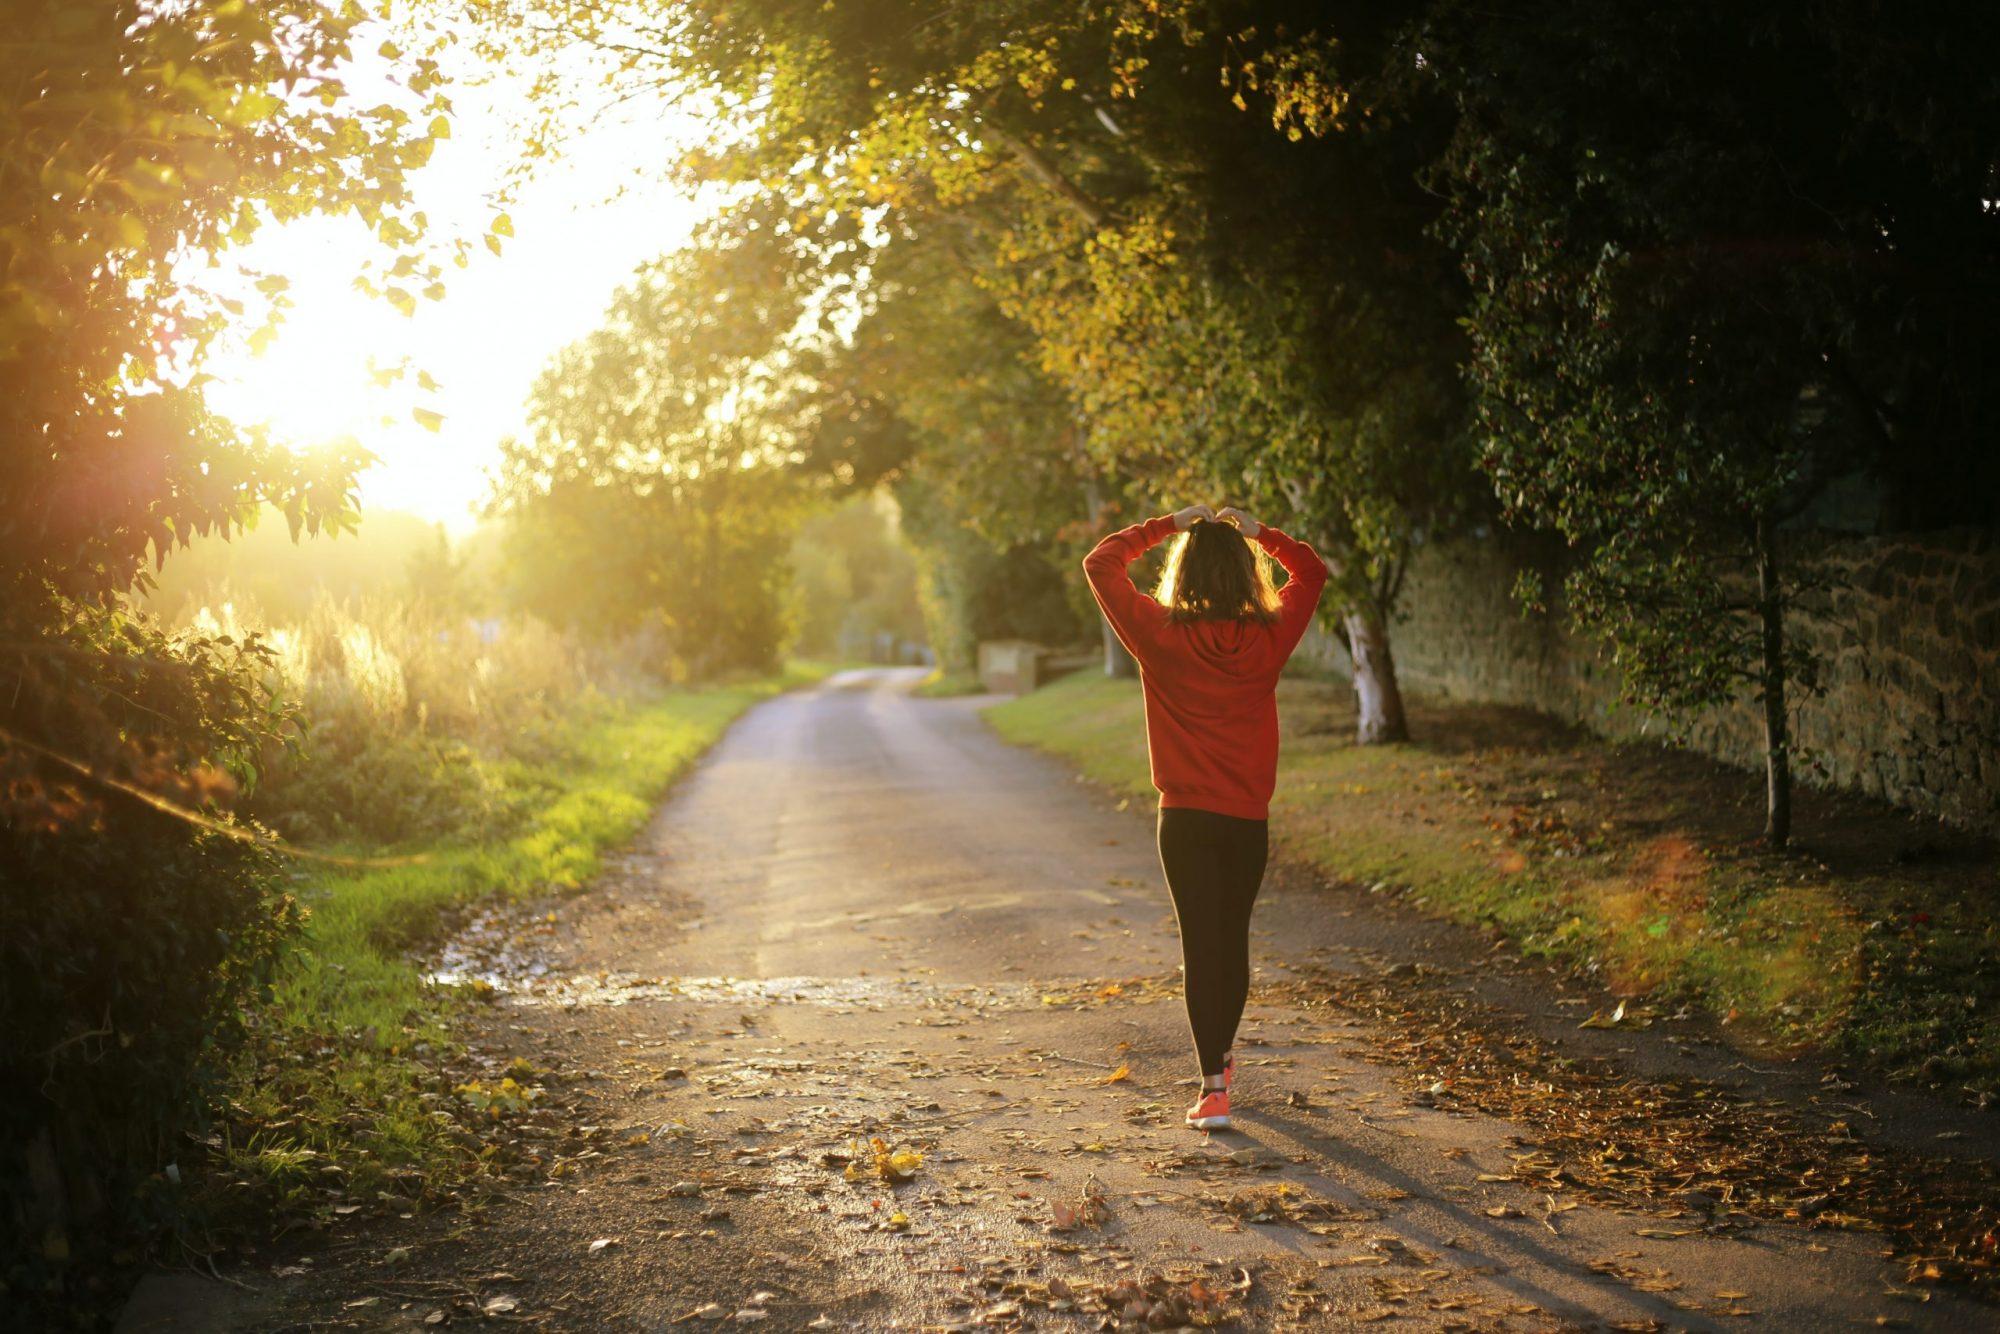 Äidin juoksuharrastus lapsen jälkeen – Uhka vai mahdollisuus?